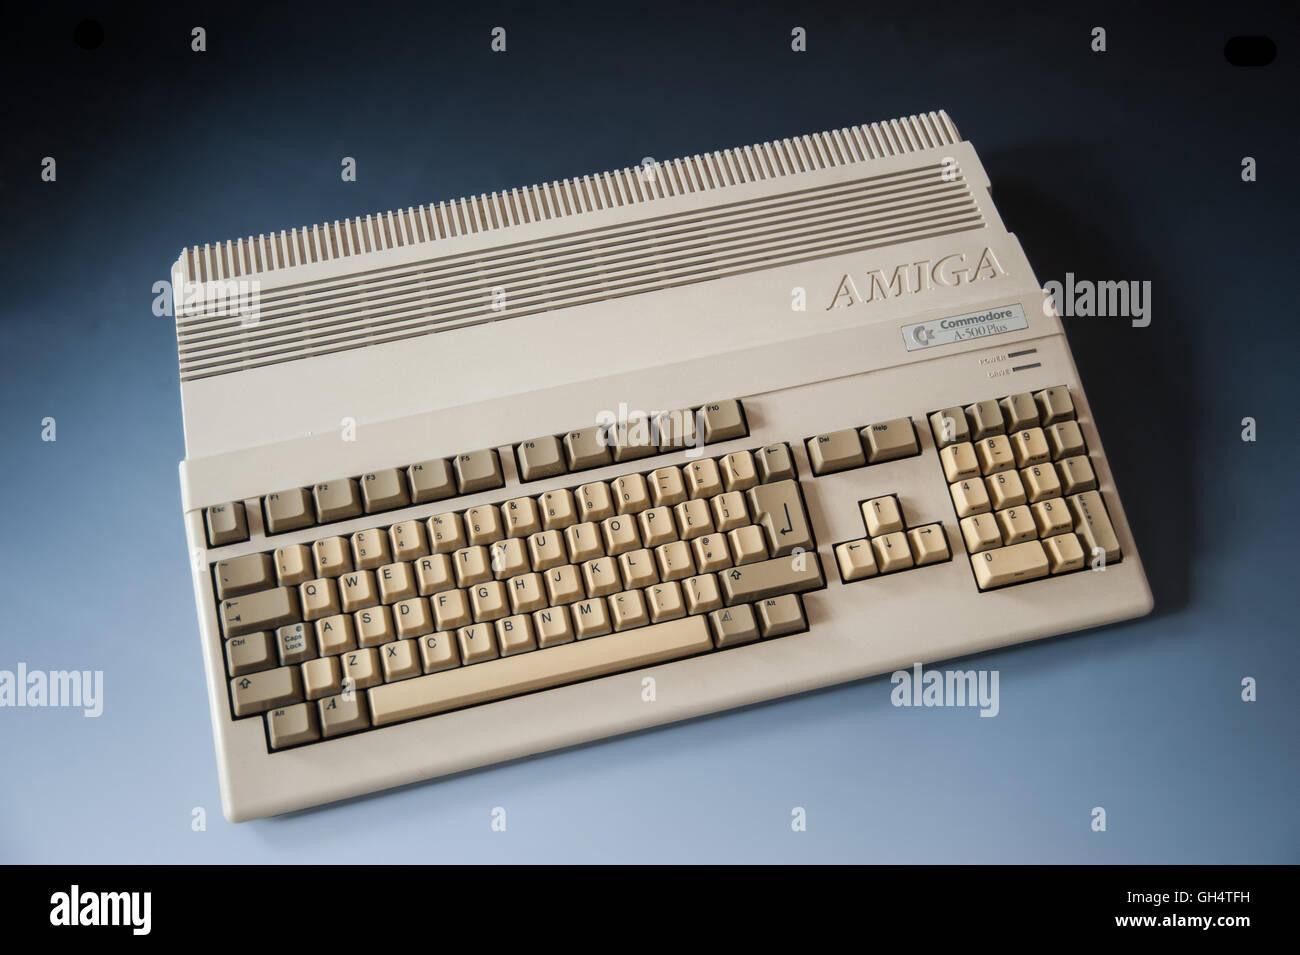 Un Commodore Amiga500+ Computer Imagen De Stock